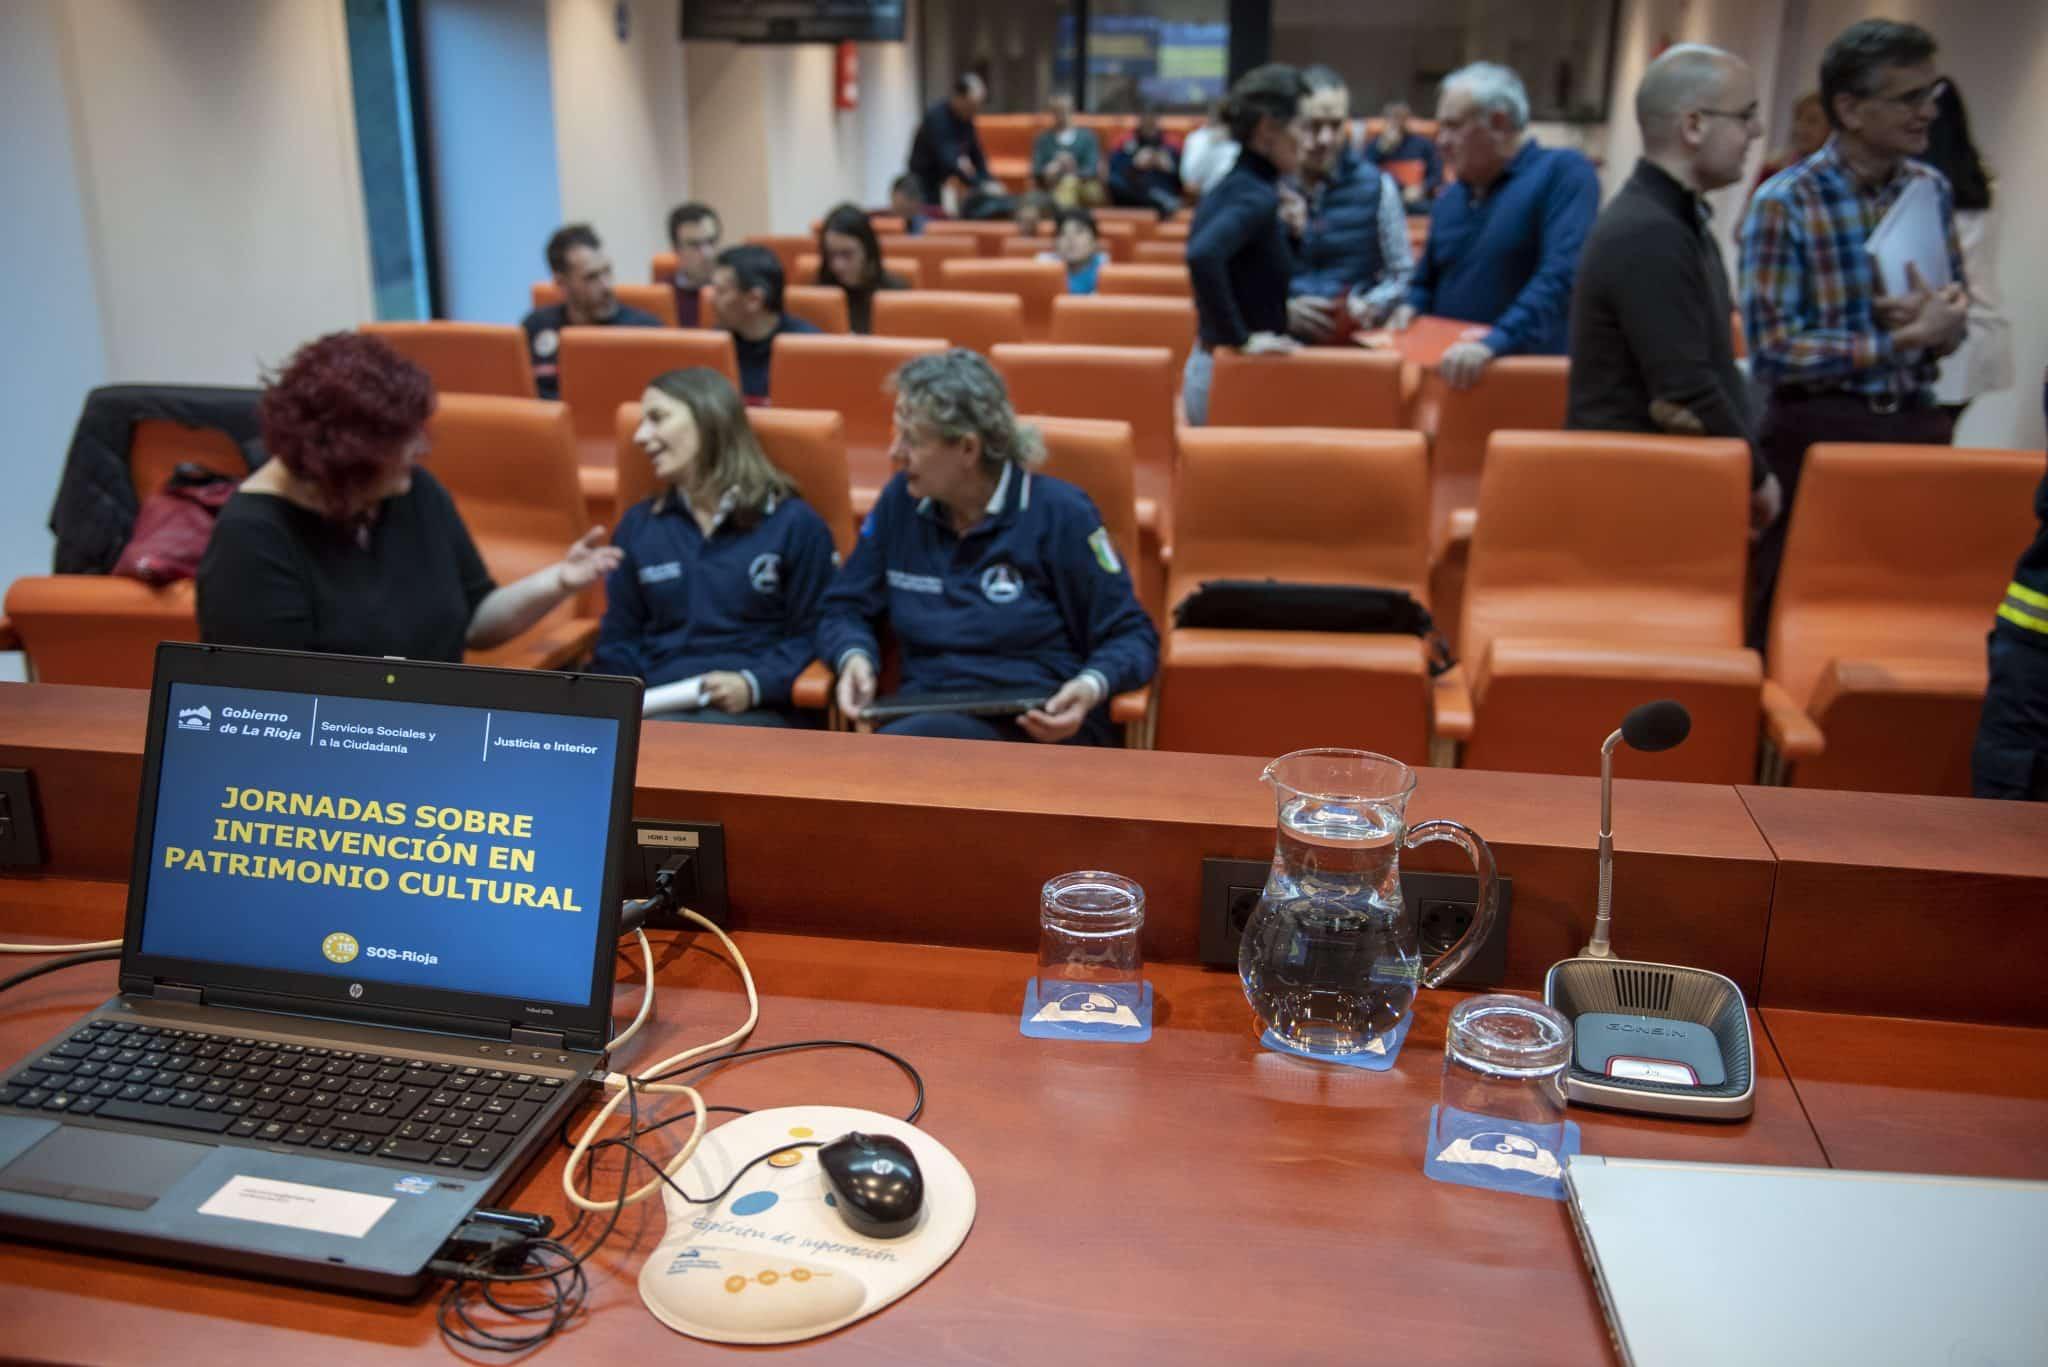 70 profesionales de emergencias participan en una jornada sobre intervención en patrimonio cultural en La Rioja 1